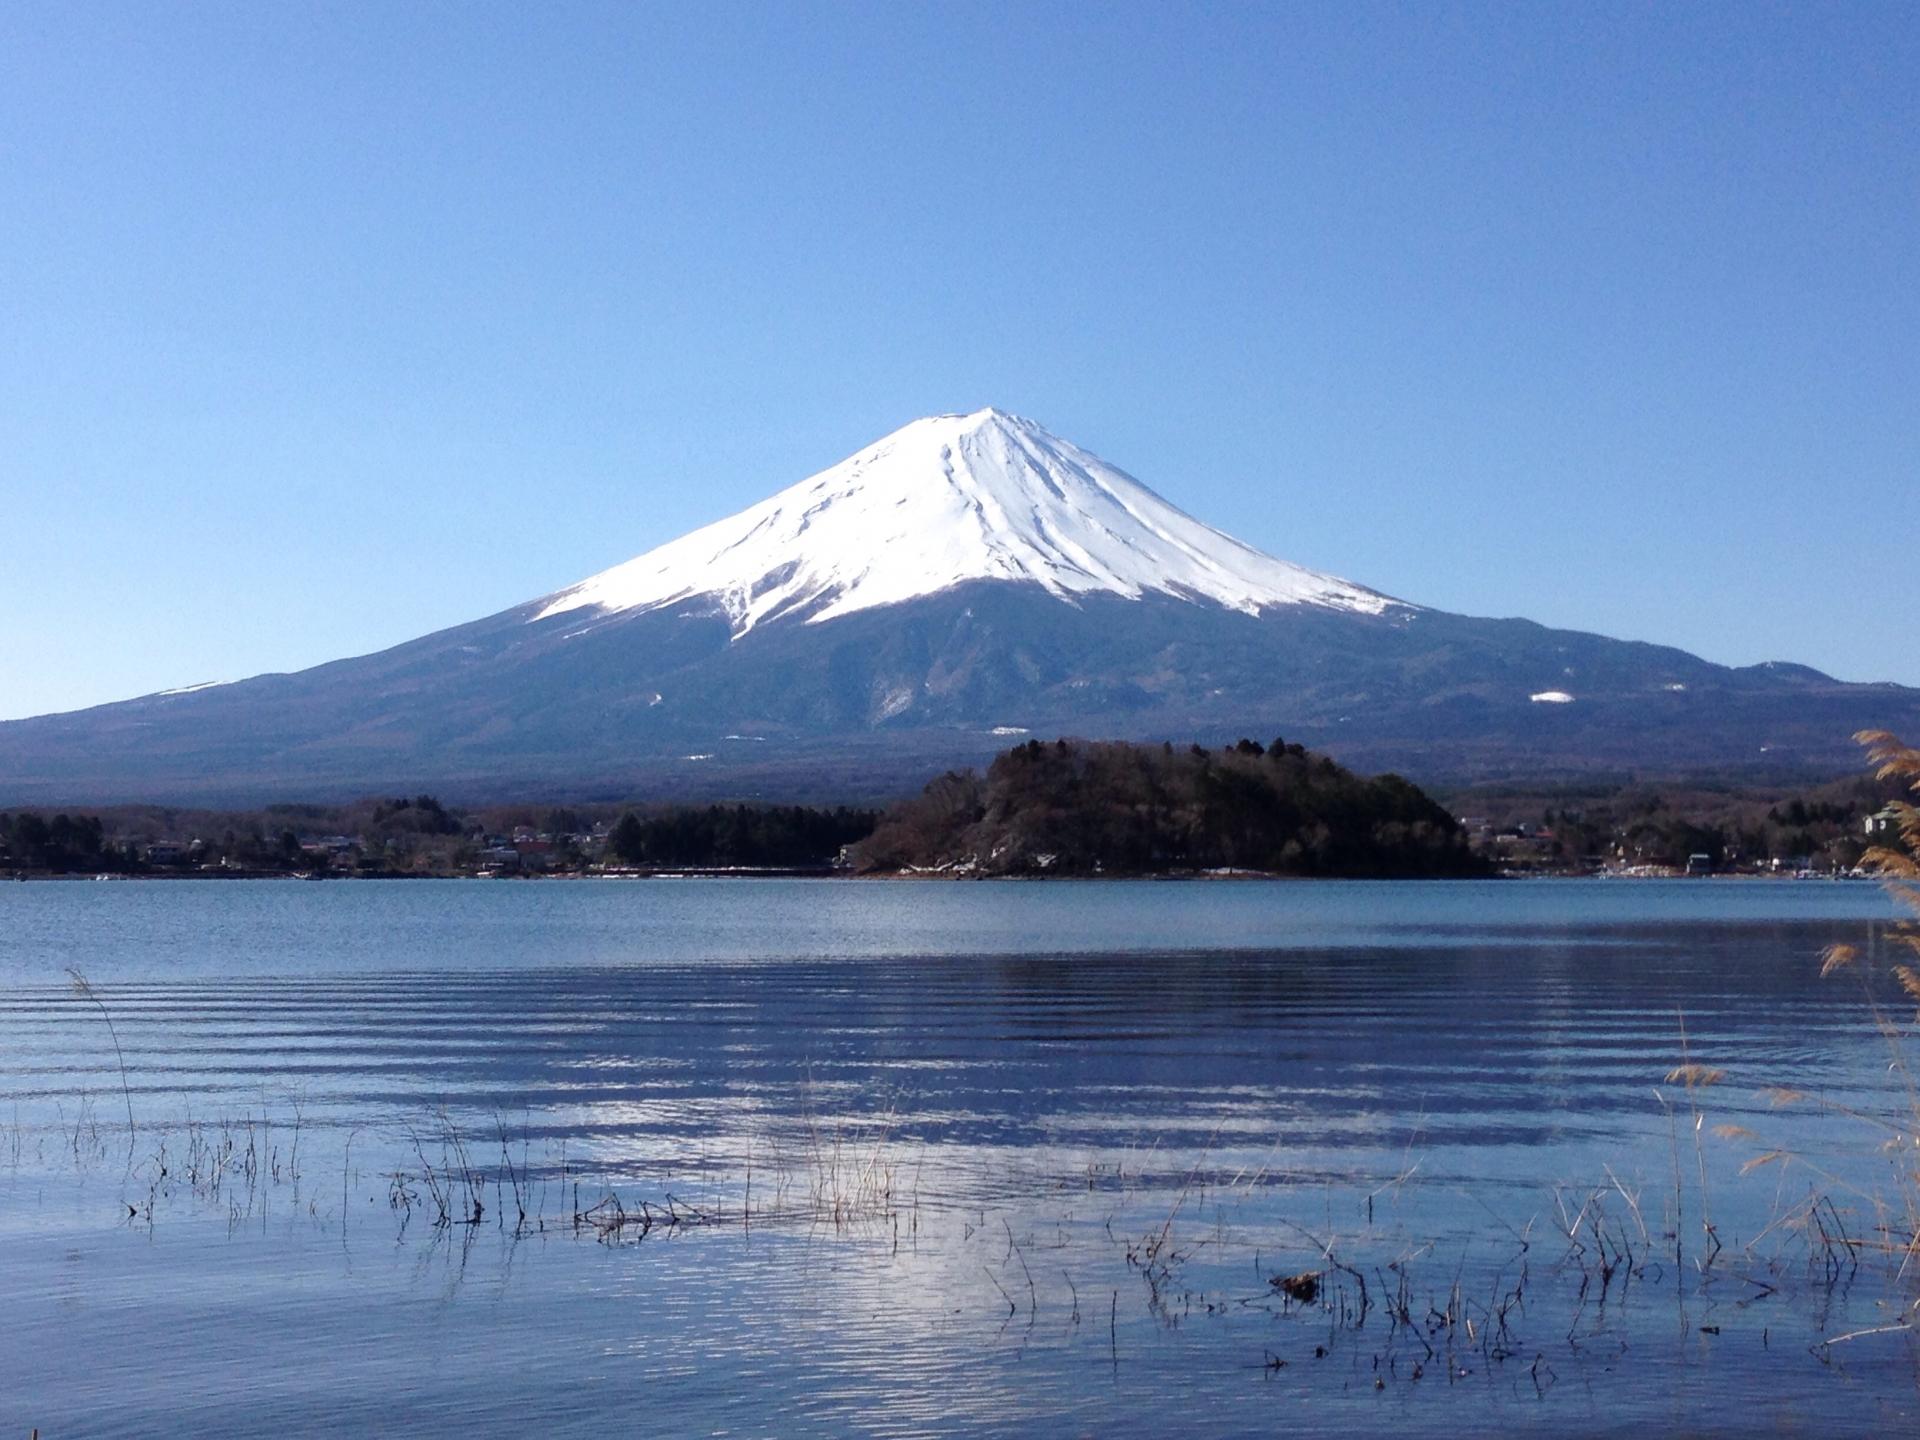 河口湖で富士山のおすすめ撮影スポット情報!絶景をカメラに収めよう!